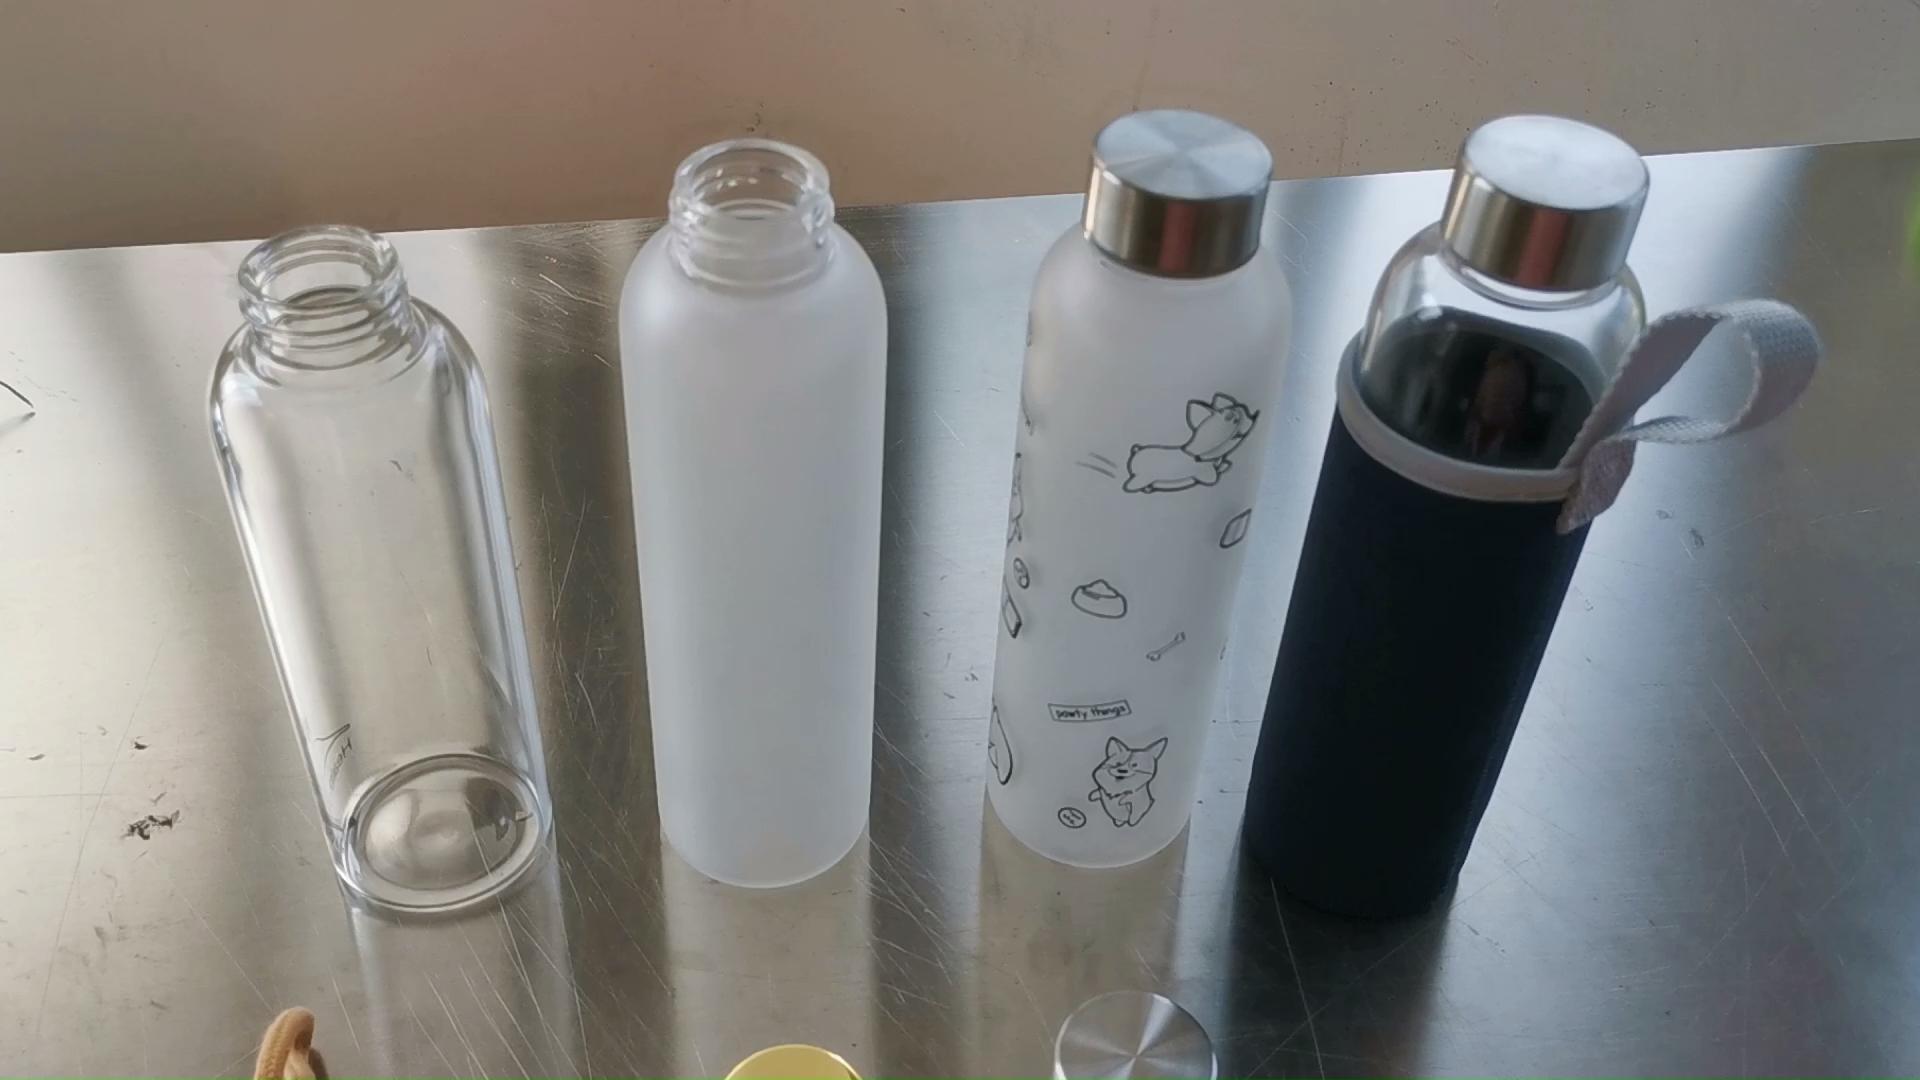 Стеклянная бутылка для воды объемом 16 унций нержавеющей стали крышкой 550 мл спираля охраны окружающей стеклянная бутылка для воды BPA бесплатно Портативный спортивная бутылка